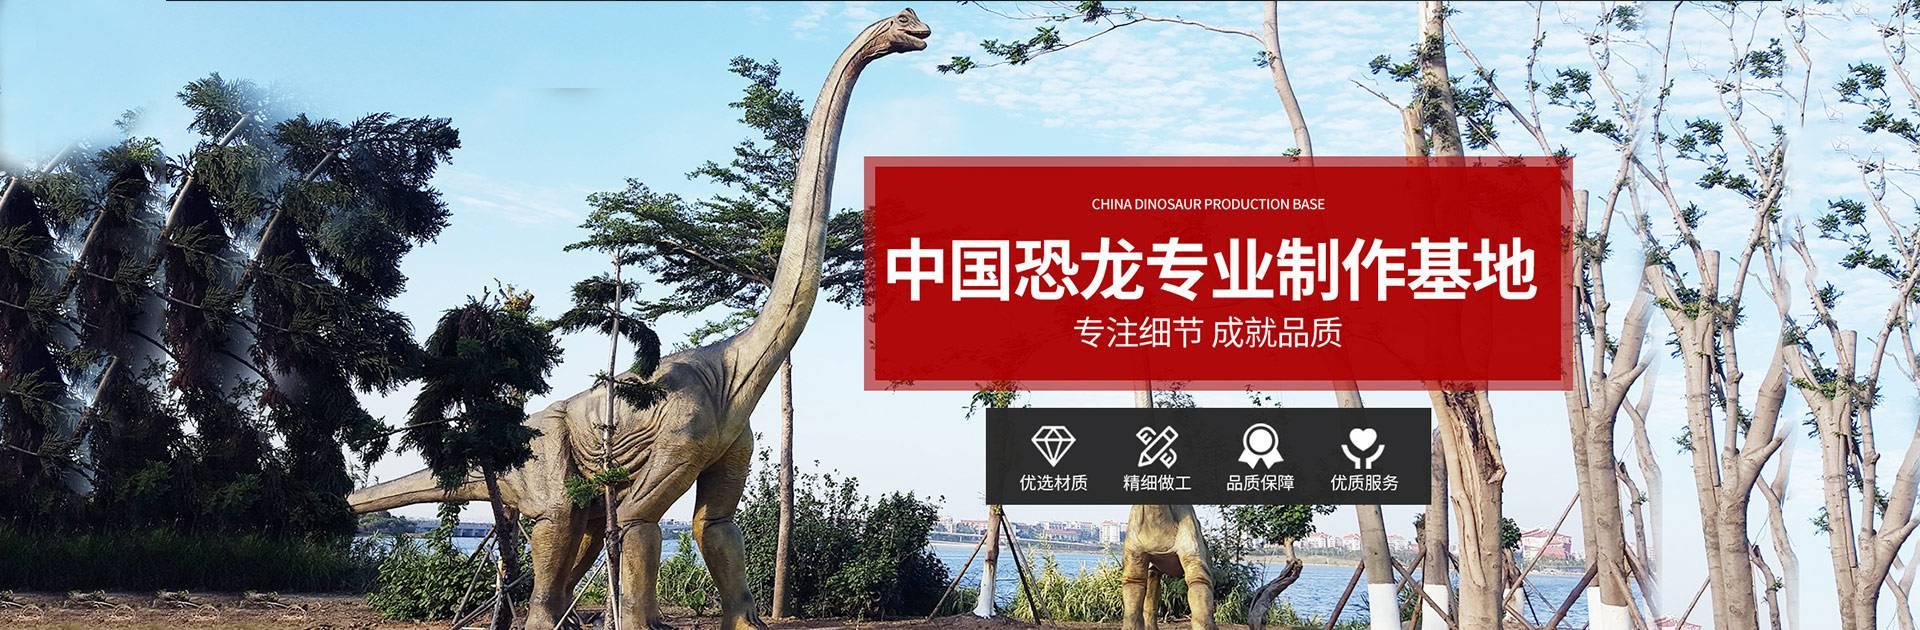 仿真恐龙制作基地